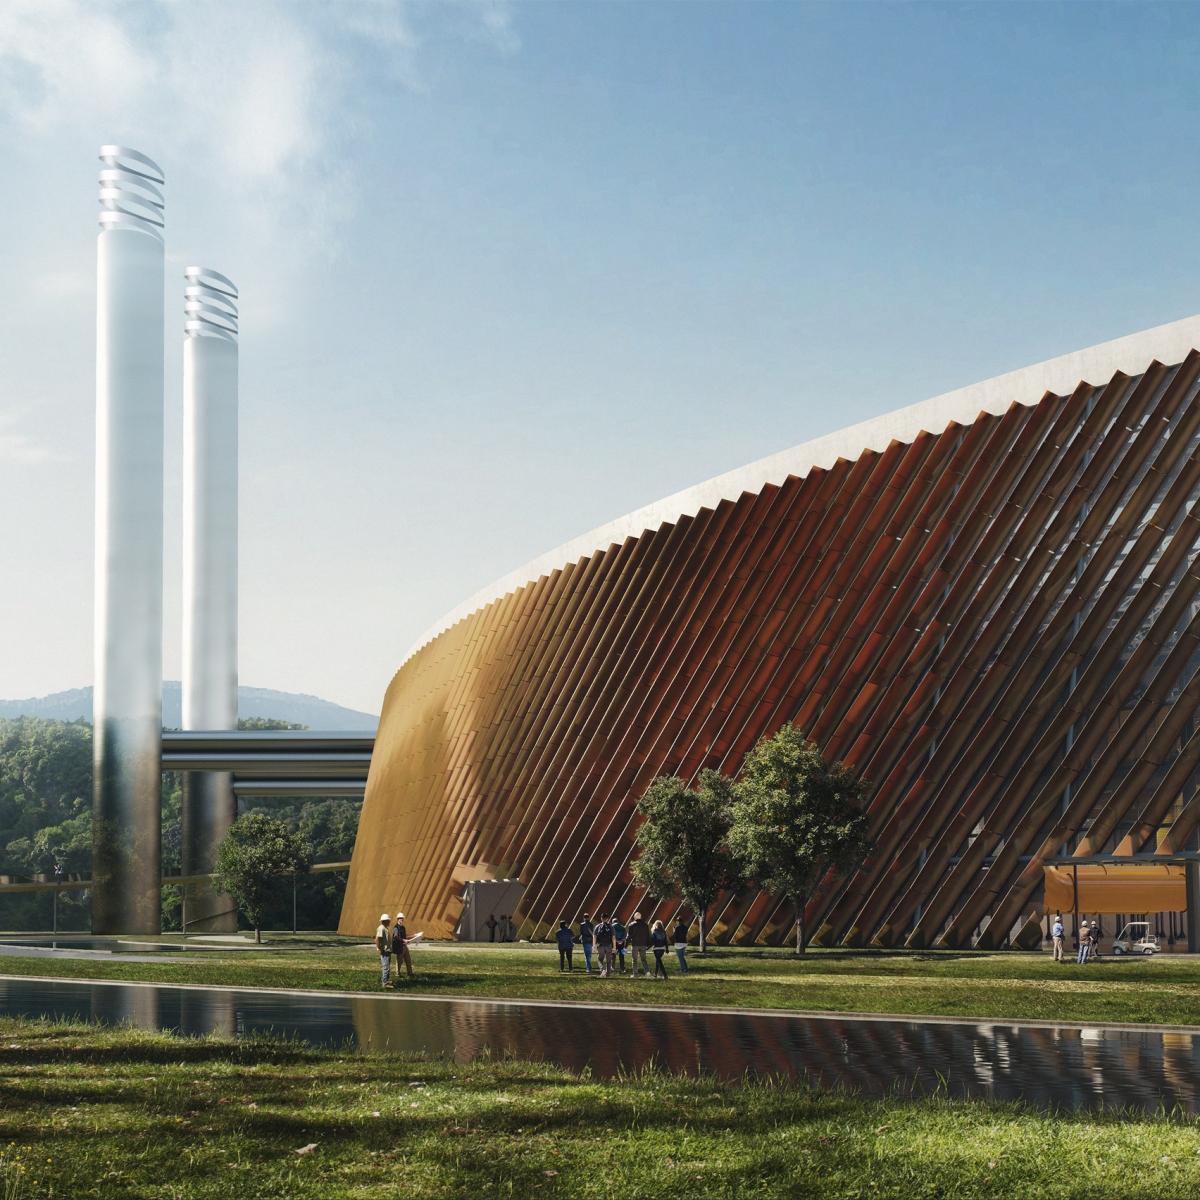 Nhà máy chuyển đổi chất thải thành năng lượng ở phía Đông Thâm Quyến, Trung Quốc, của Schmidt Hammer Lassen Architects và Gottlieb Paludan Architects cũng sẽ đi vào hoạt động vào năm 2021. Nhà máy có công suất đốt tới 5.000 tấn rác mỗi ngày. Hai phần ba mái của tòa nhà được bao phủ bởi các tấm quang điện để đảm bảo tòa nhà cũng có thể tạo ra nguồn cung cấp năng lượng bền vững cho riêng mình.